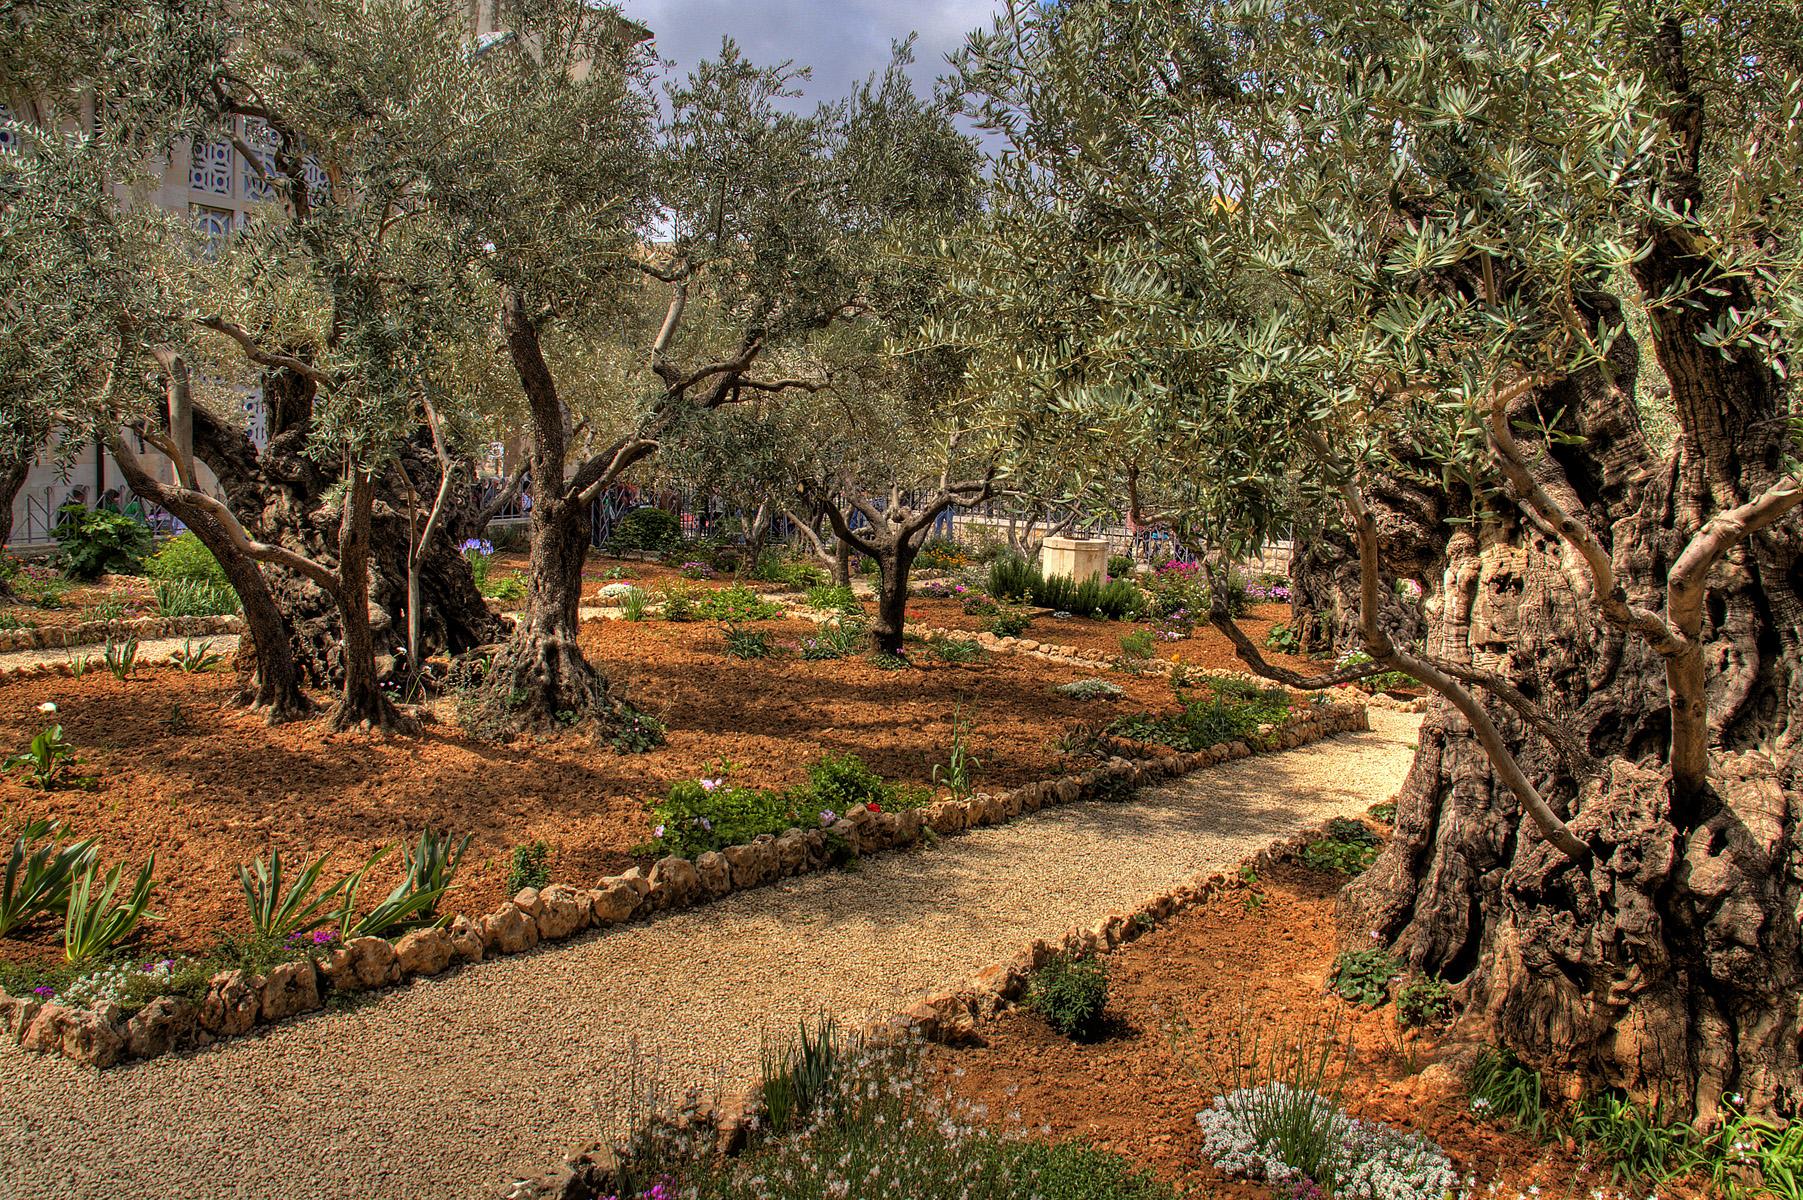 Un Fascinante Recorrido por el Mundo y la Zona donde Vivió Jesús hace 2000 años